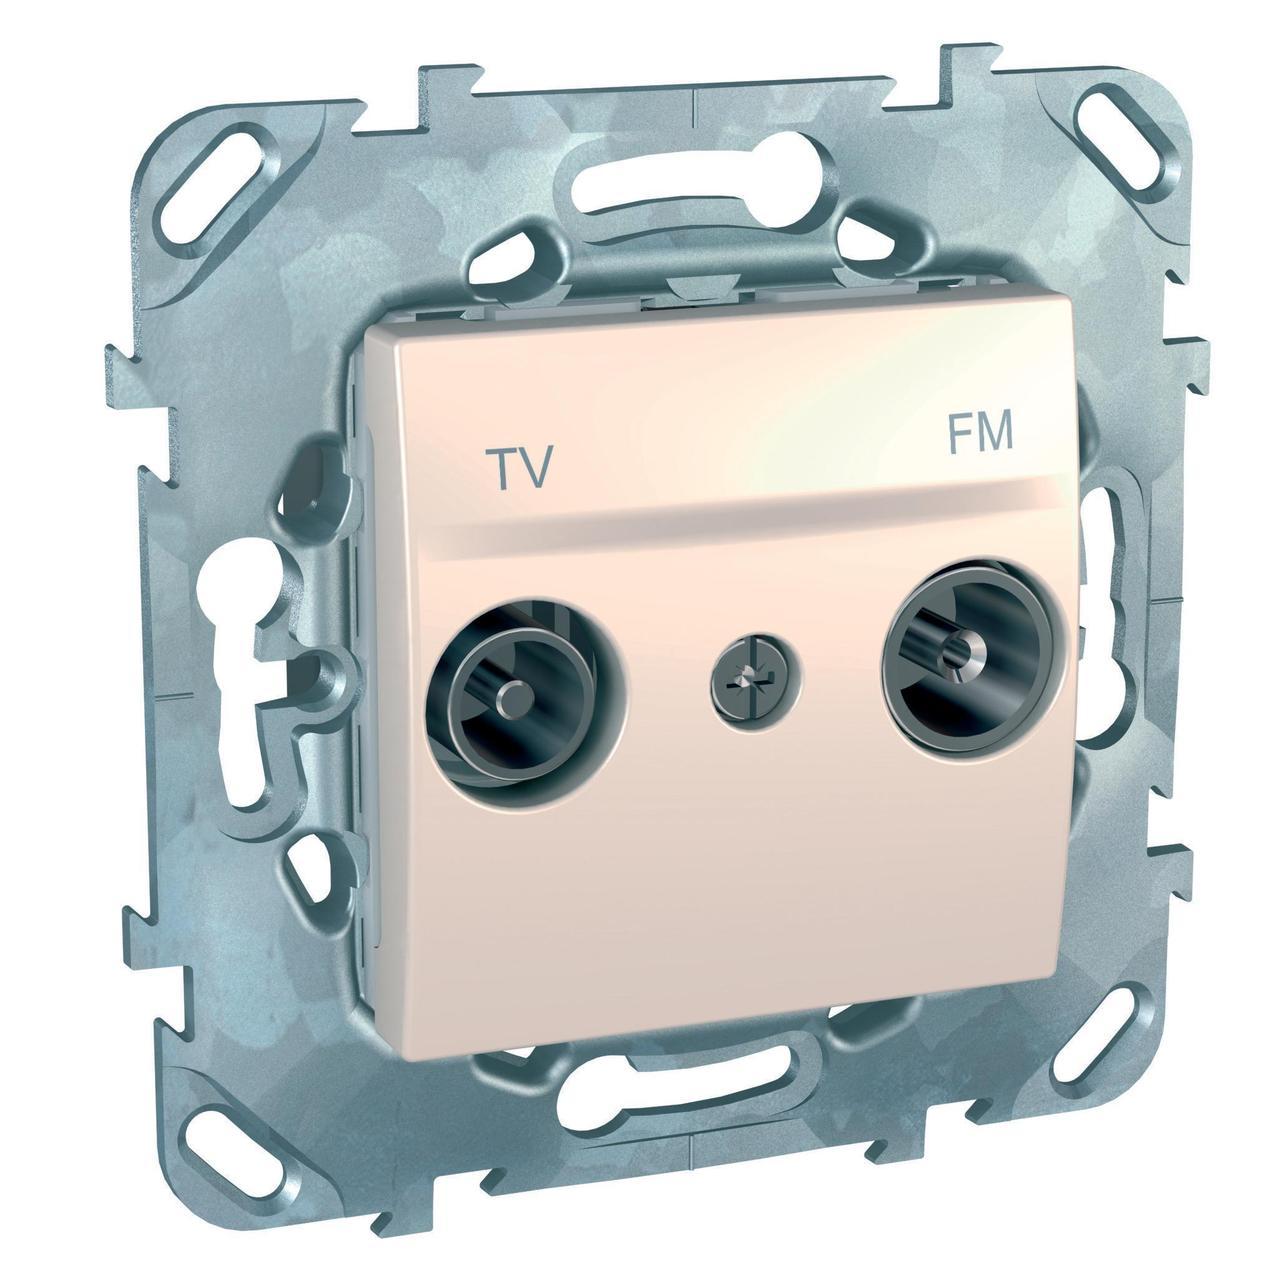 Розетка телевизионная оконечная ТV-FМ , Бежевый, серия Unica, Schneider Electric